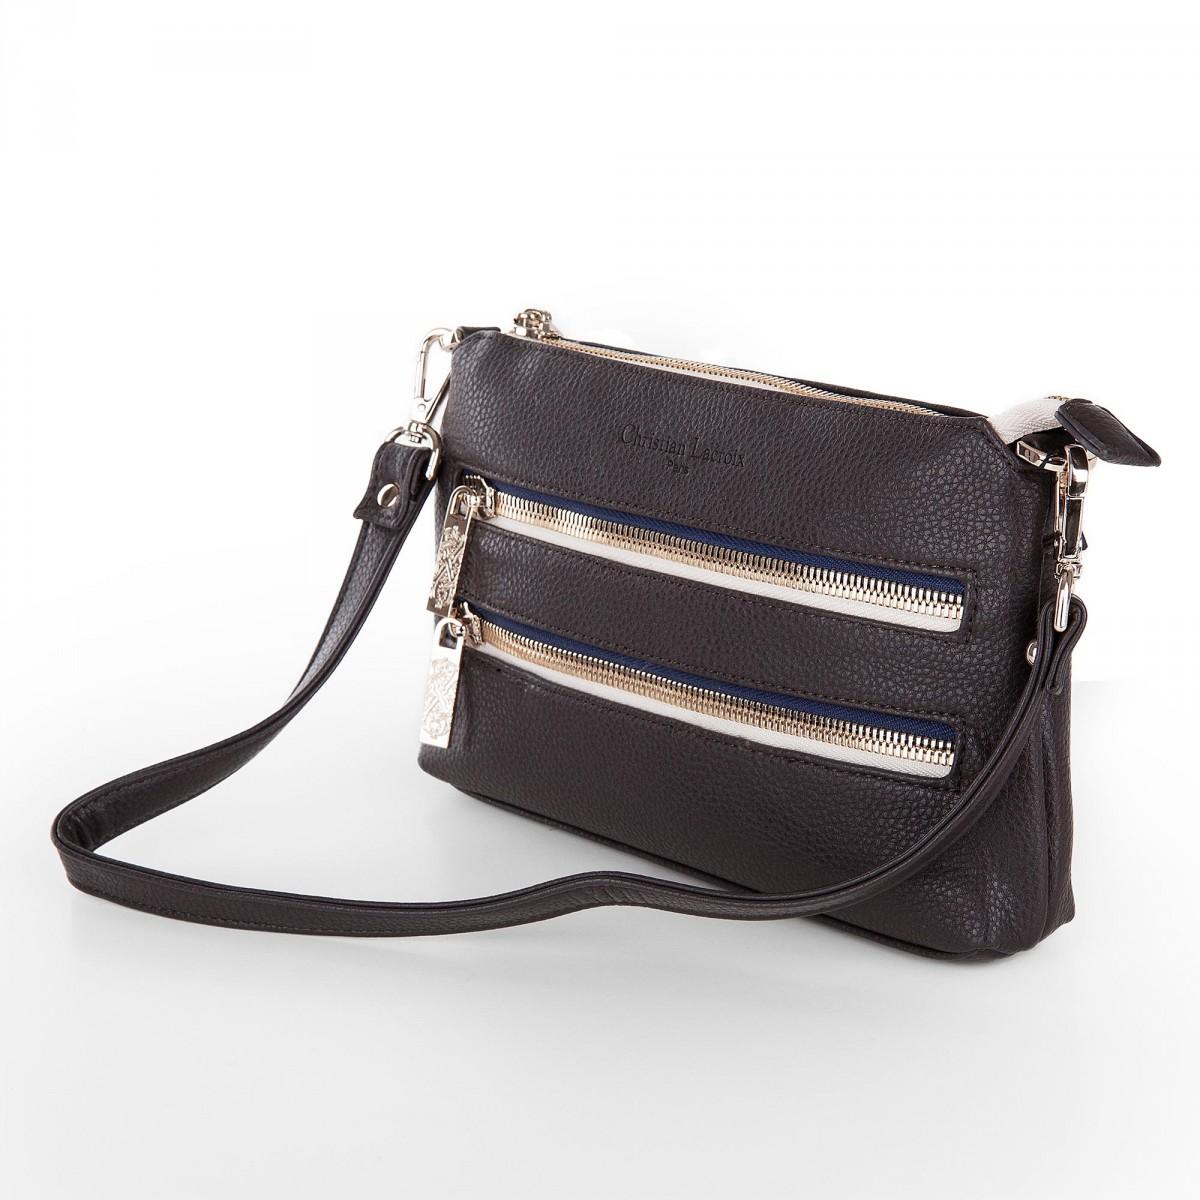 Sac à Bandoulière Femme Gris : D?stockage sac bandouliere bandido gris petit modele